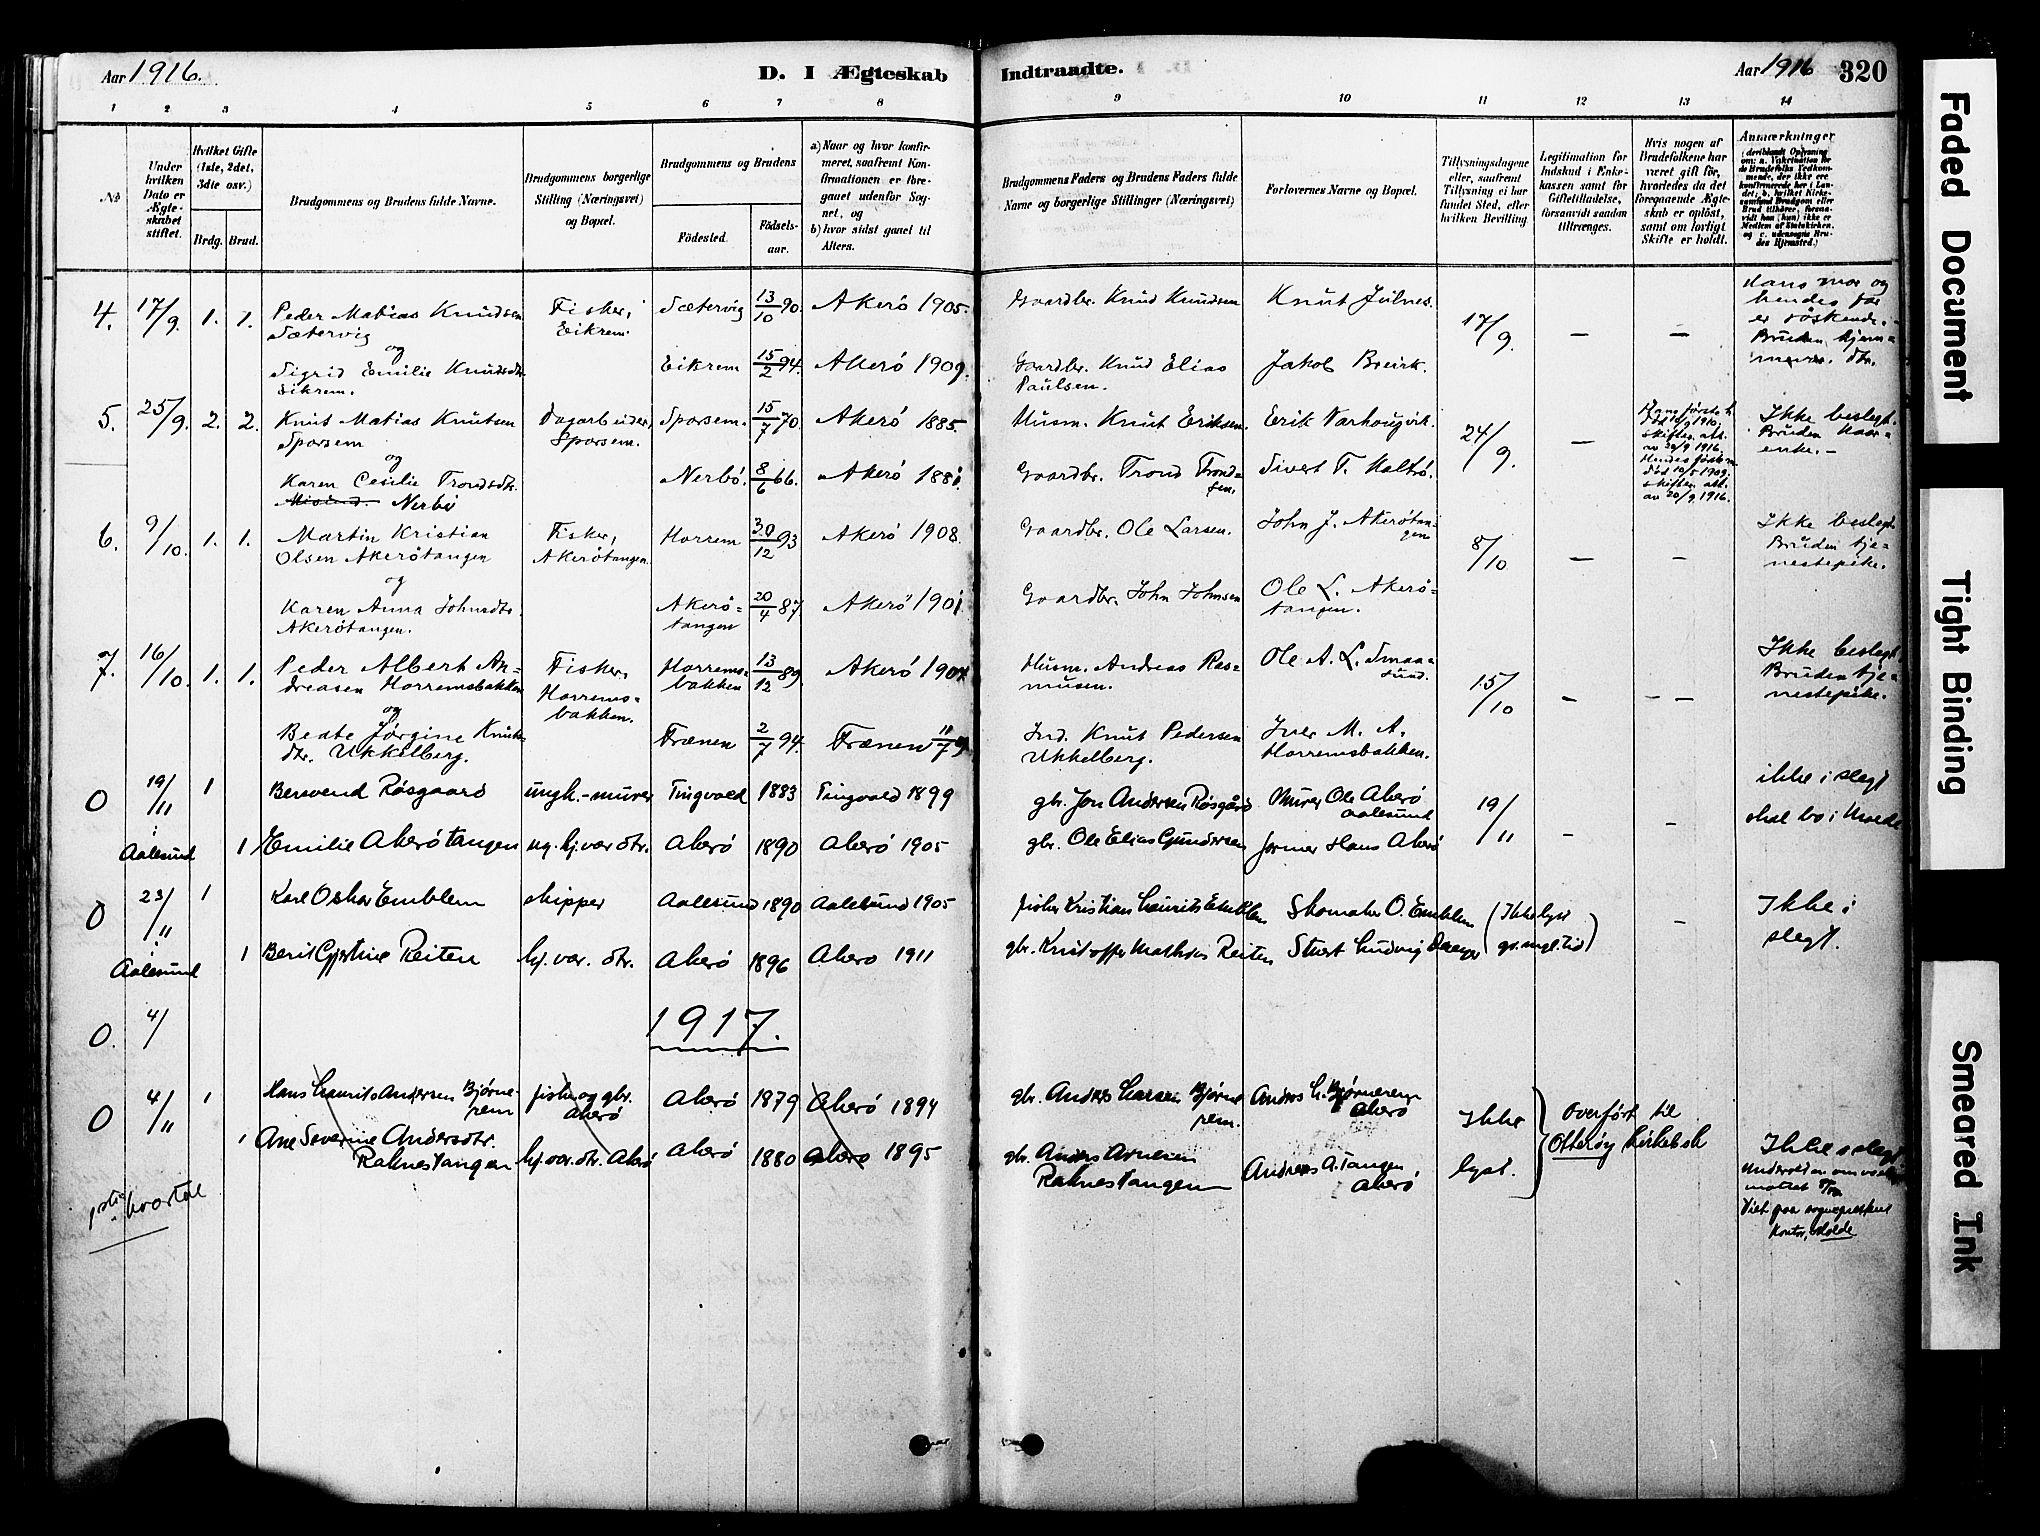 SAT, Ministerialprotokoller, klokkerbøker og fødselsregistre - Møre og Romsdal, 560/L0721: Ministerialbok nr. 560A05, 1878-1917, s. 320